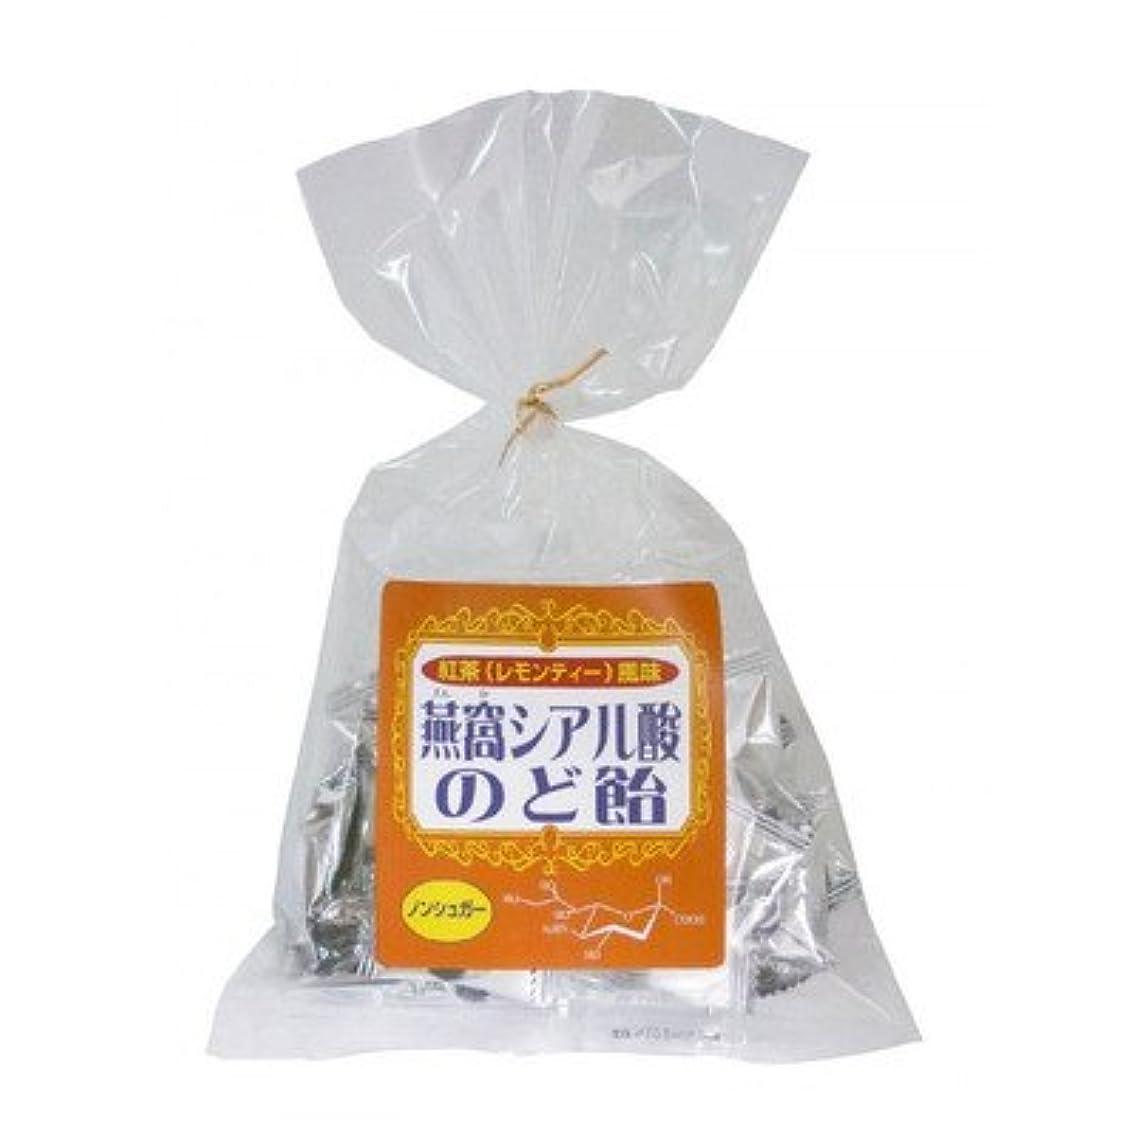 パーセント委員長光電燕窩シアル酸のど飴ノンシュガー 紅茶(レモンティー)風味 87g×3袋